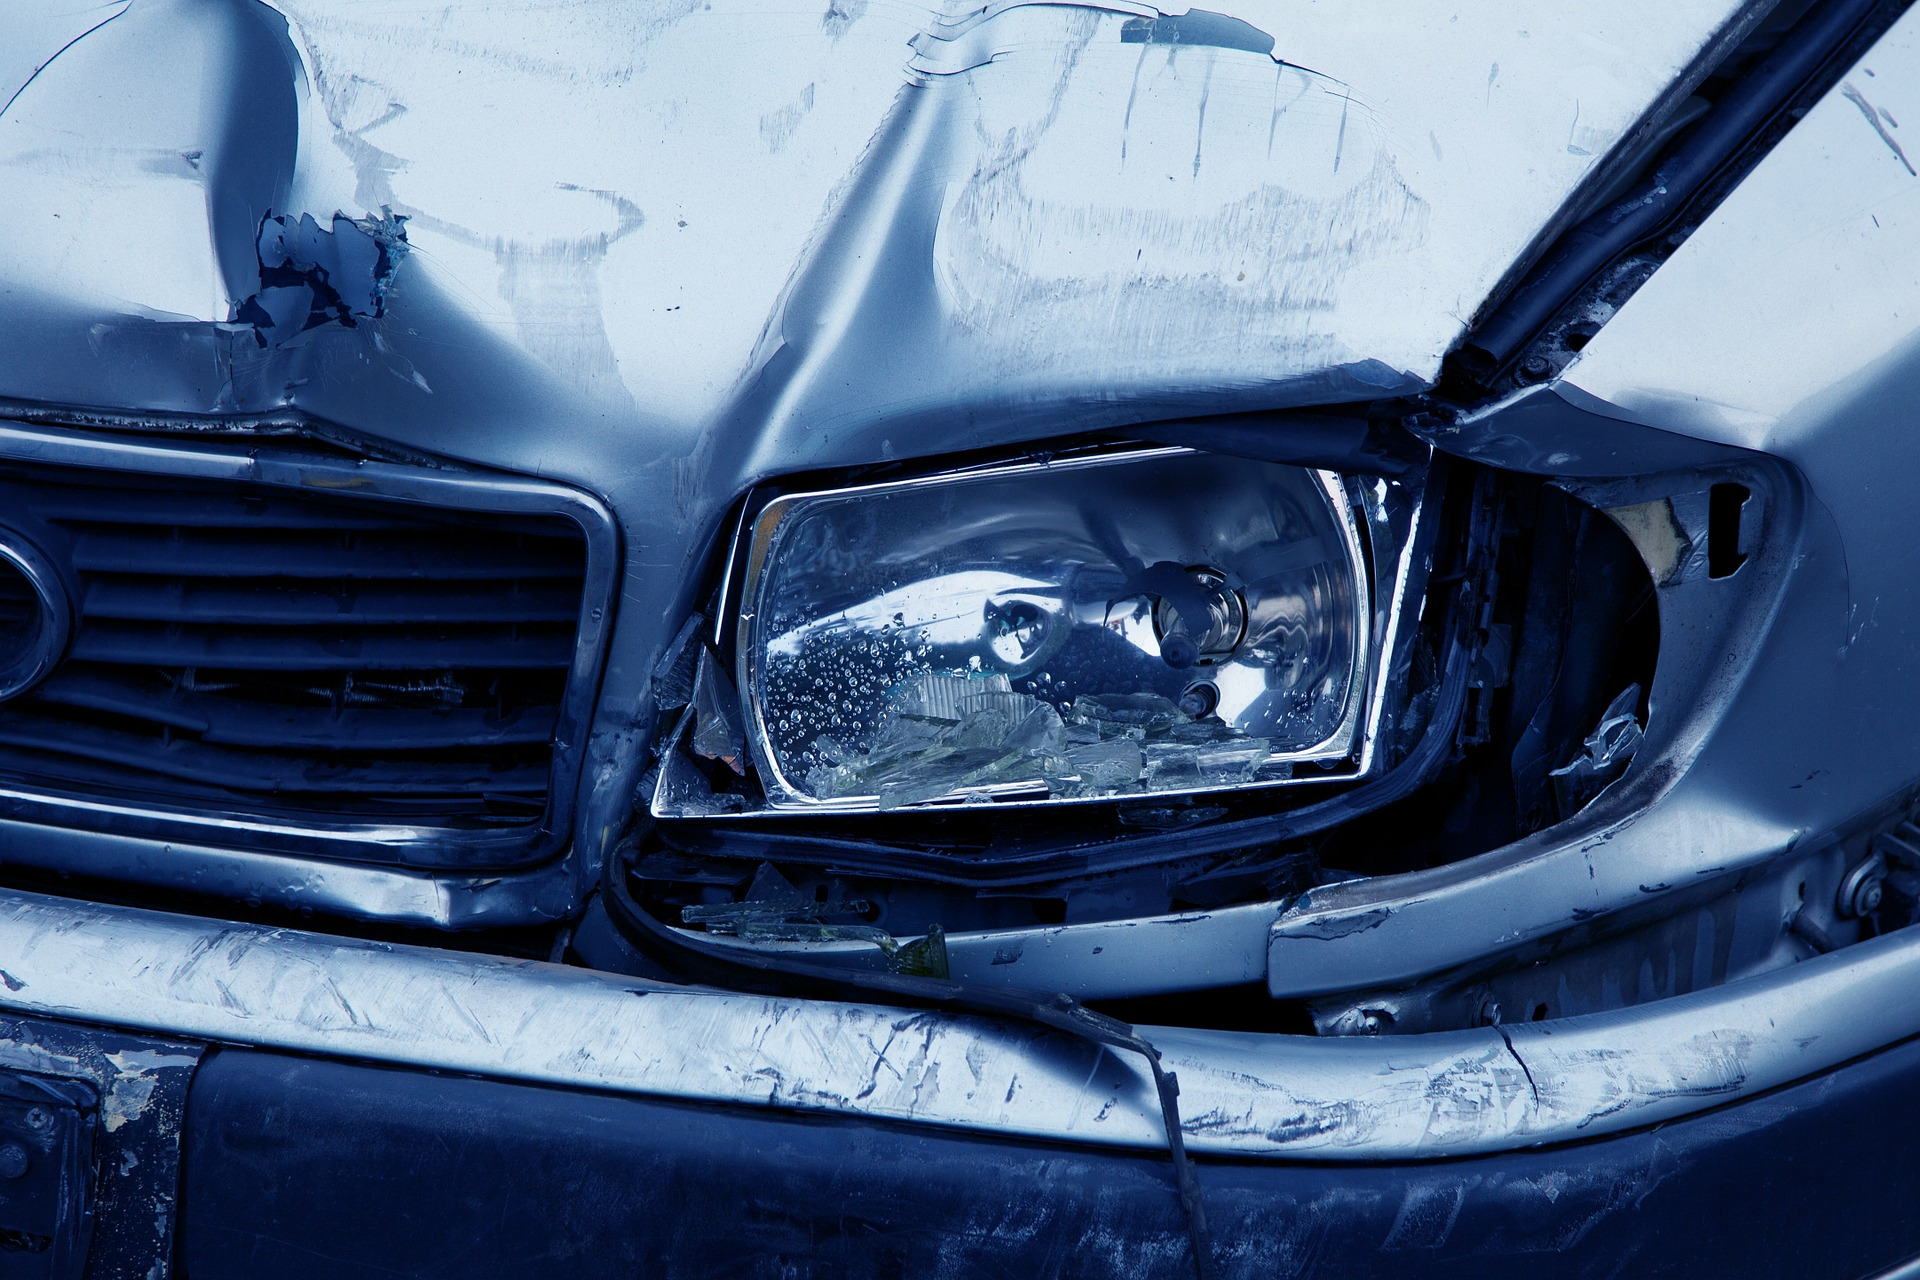 各種睡眠薬を服用することと交通事故を起こすリスクについて